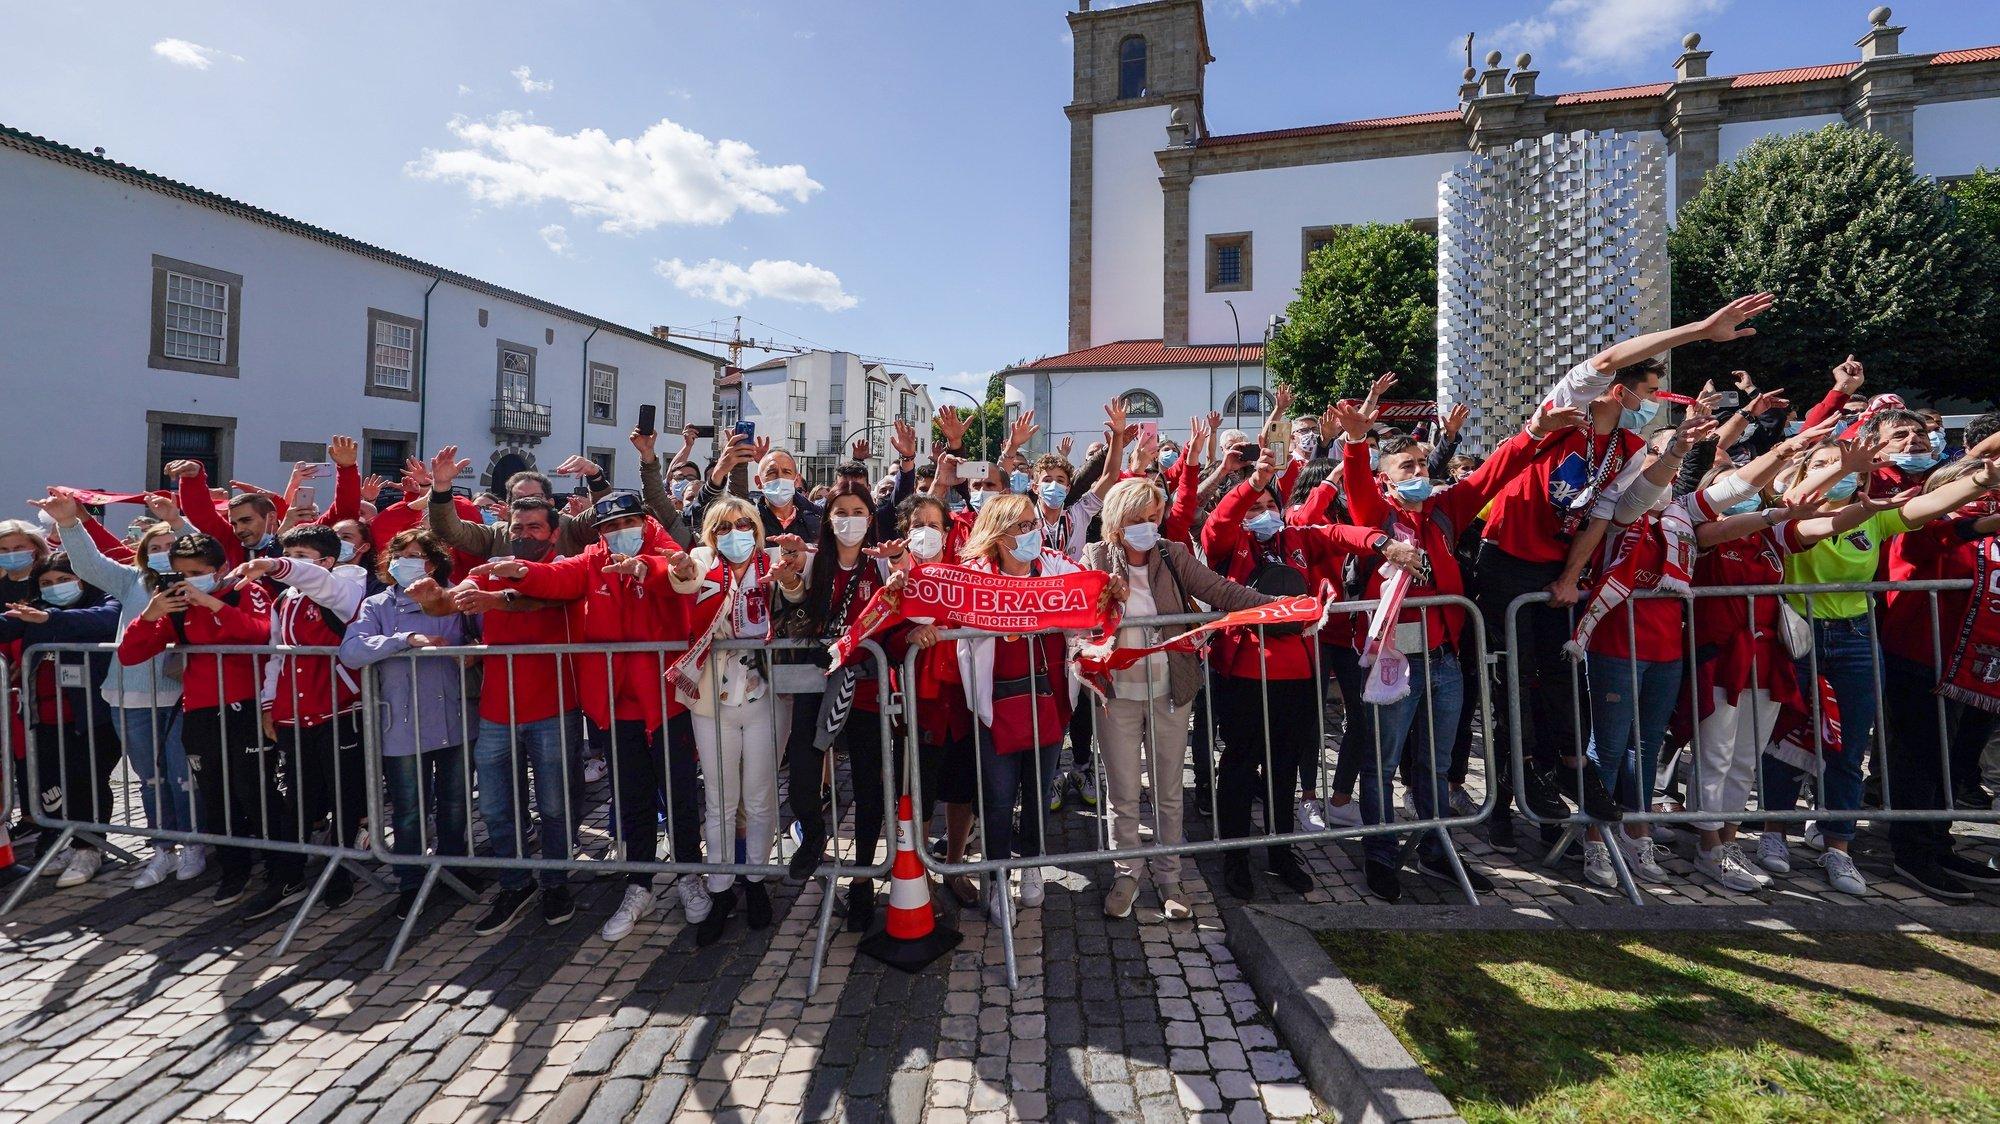 Adeptos do Sporting do Braga festejam a vitoria durante recepção da equipa na Câmara Municipal de Braga após vencer a Taça de Portugal, Braga, 24 de maio de 2021. HUGO DELGADO/LUSA